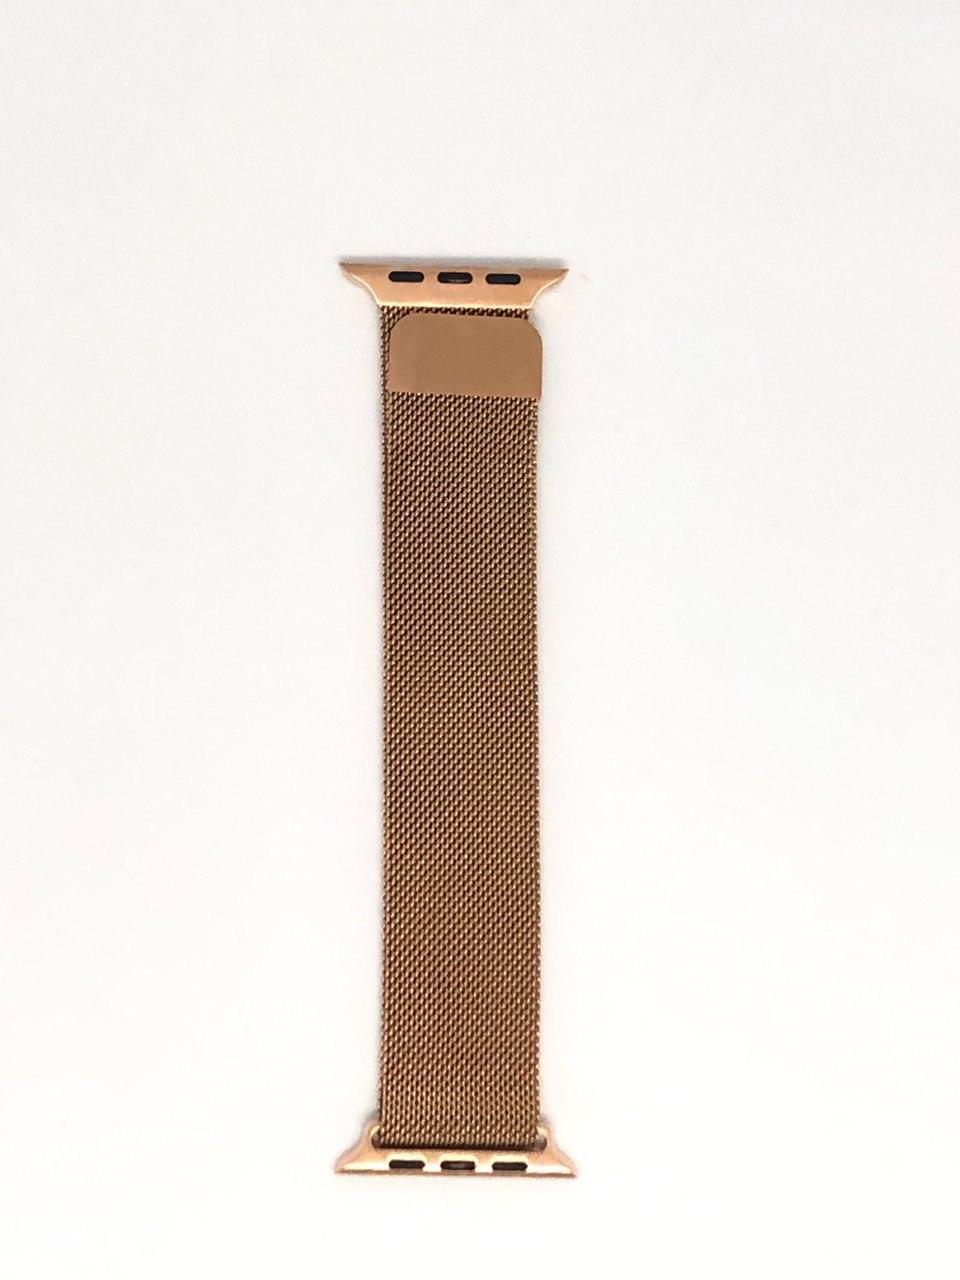 Миланская петля Apple watch 38/40 mm - №10, ремешок, металлический